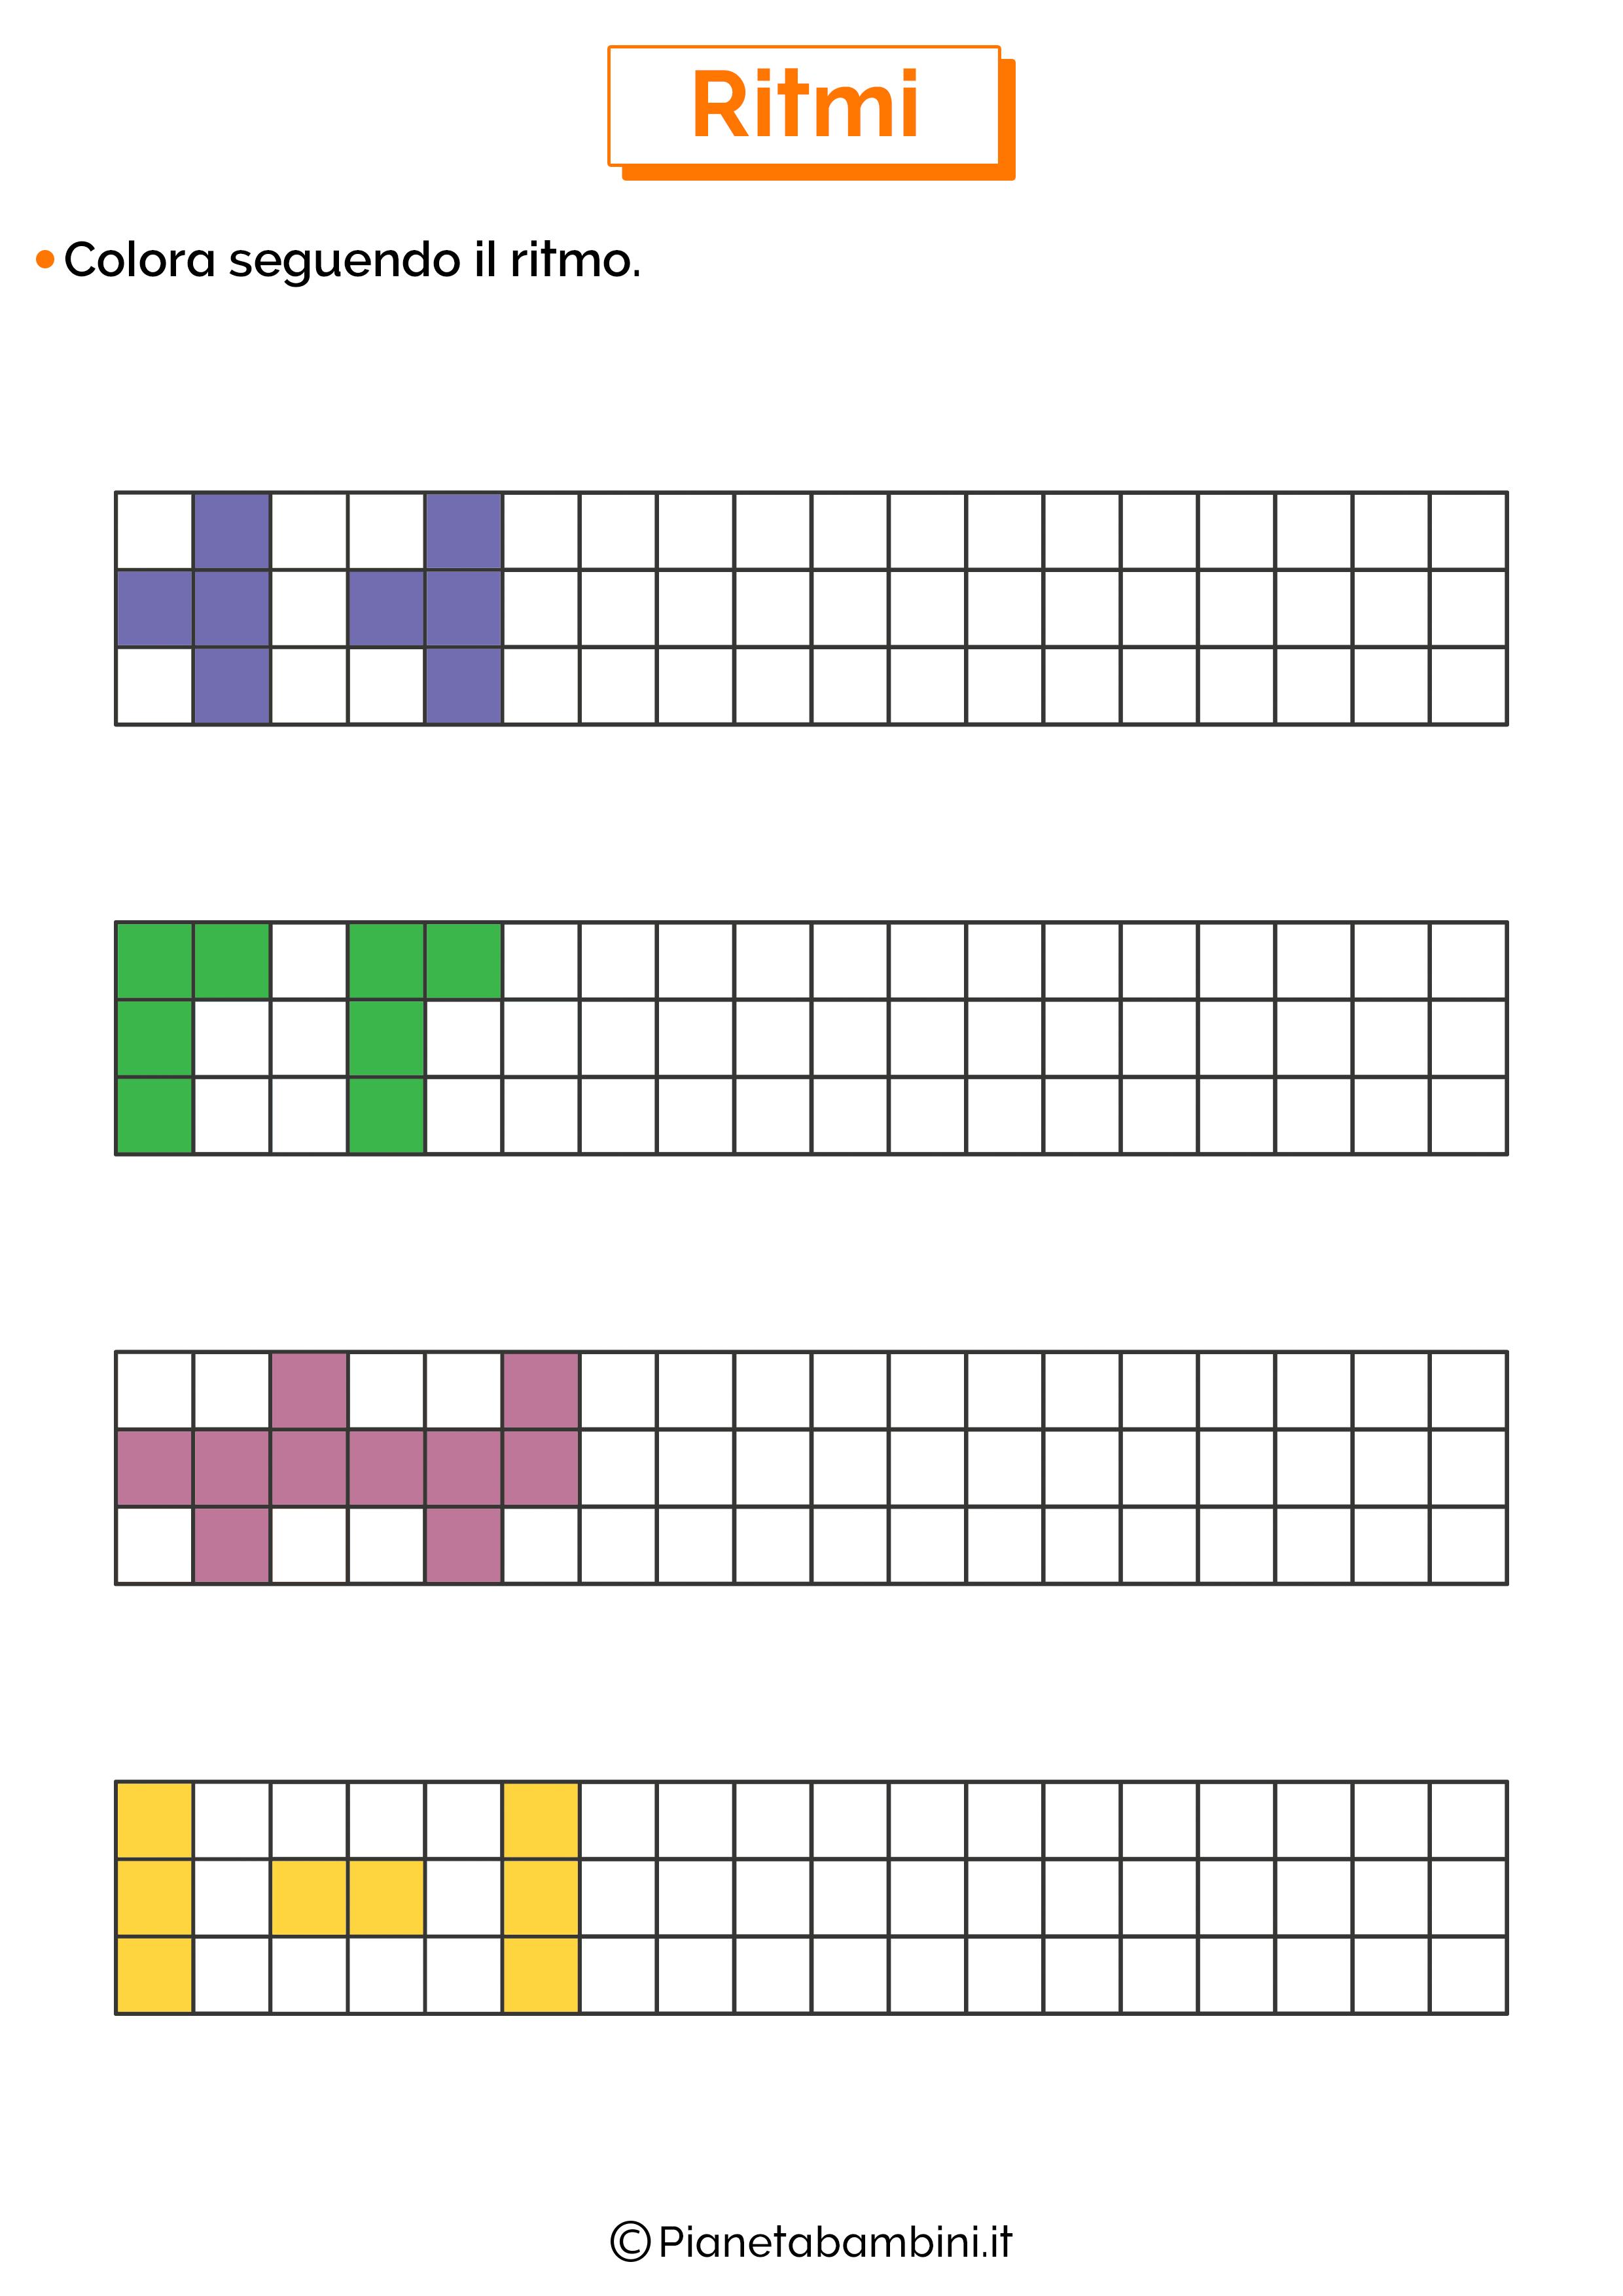 Esercizi sui ritmi da colorare 6